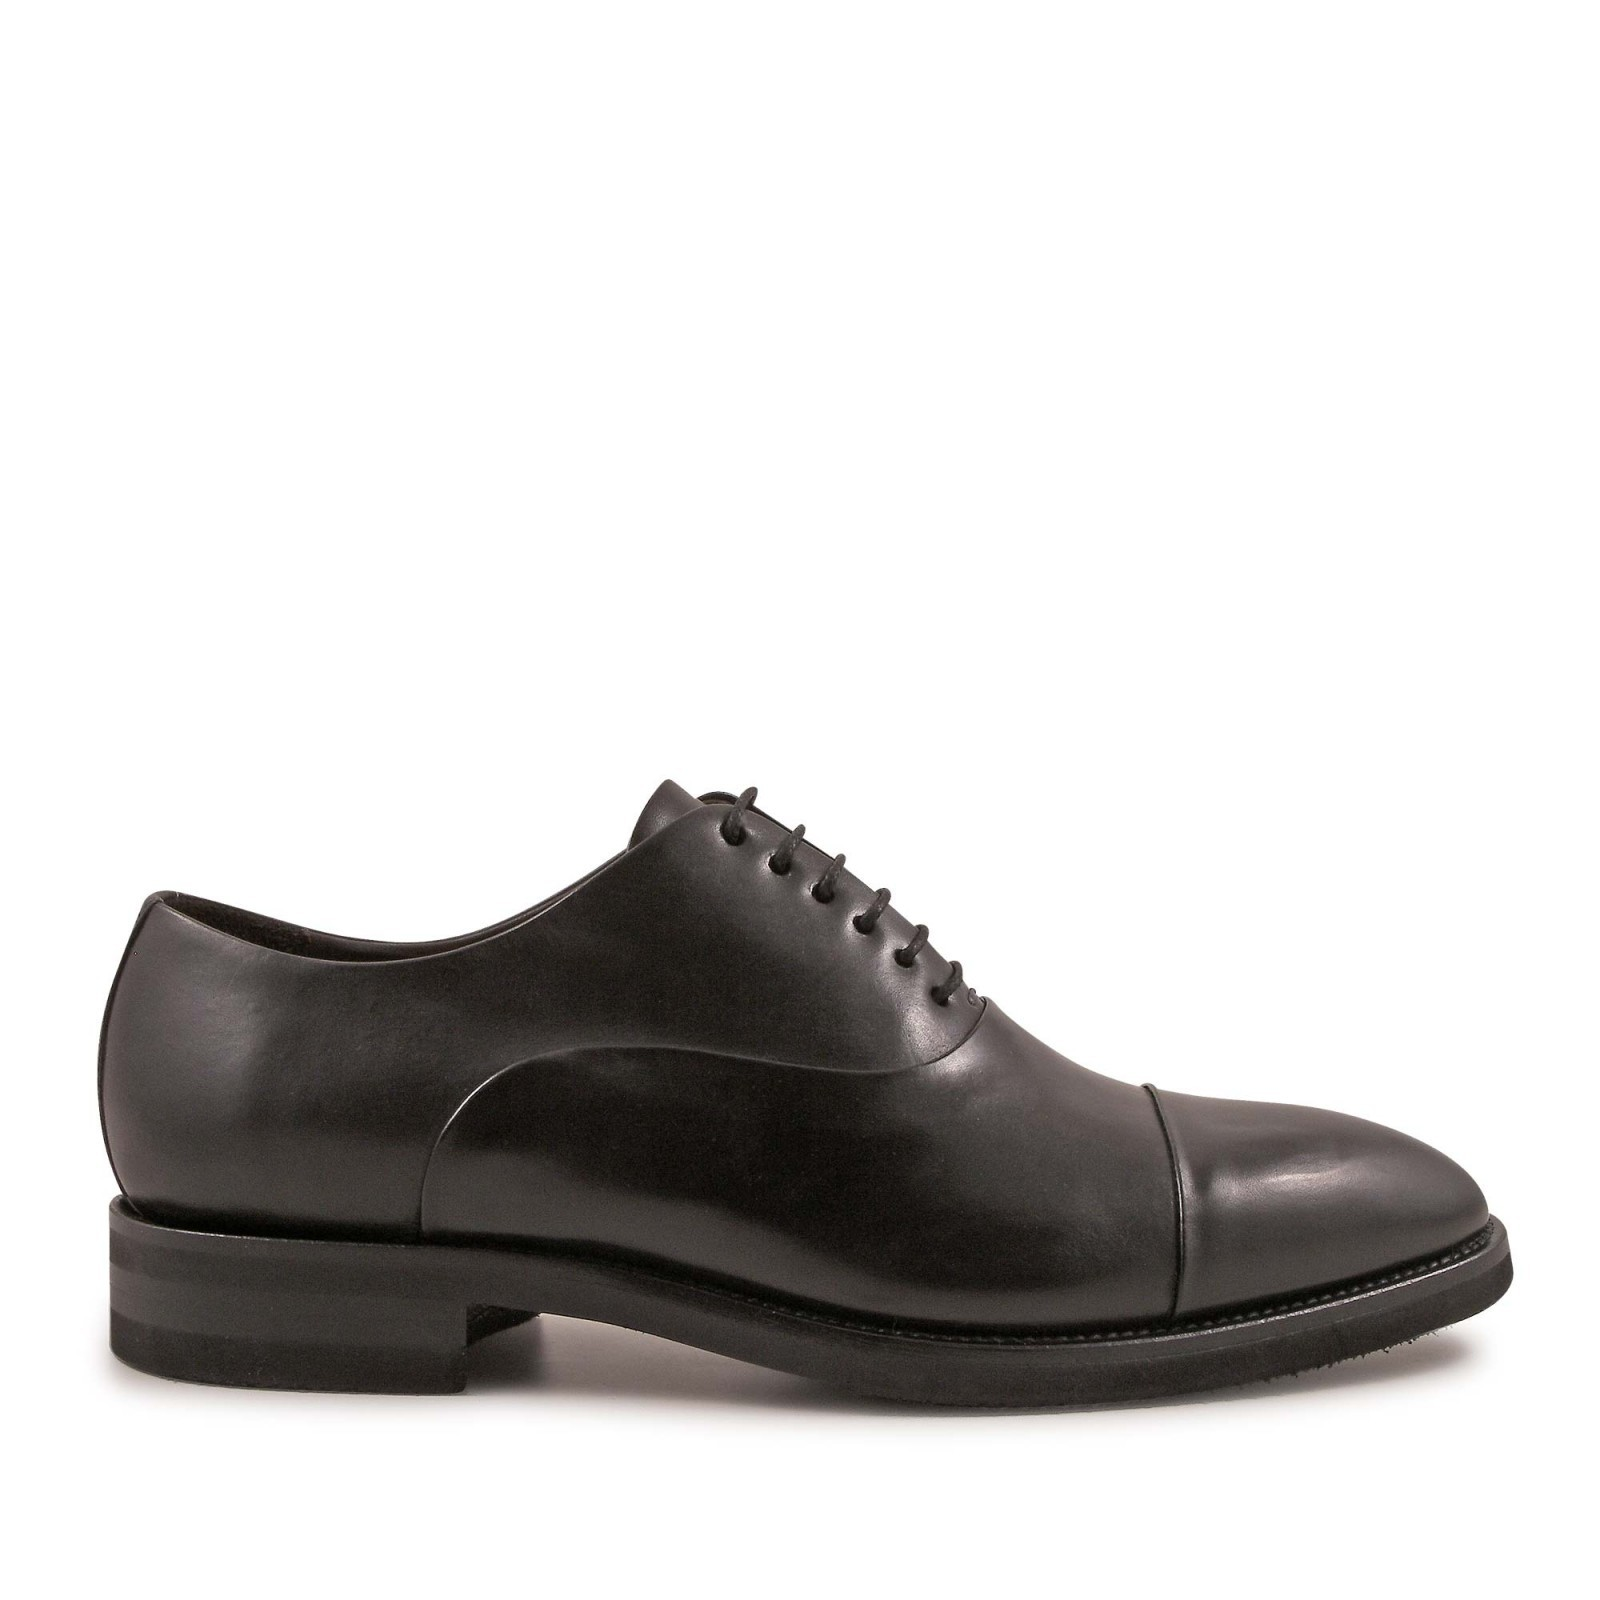 chaussures lacets fait la main en cuir de veau noir italian boutique. Black Bedroom Furniture Sets. Home Design Ideas